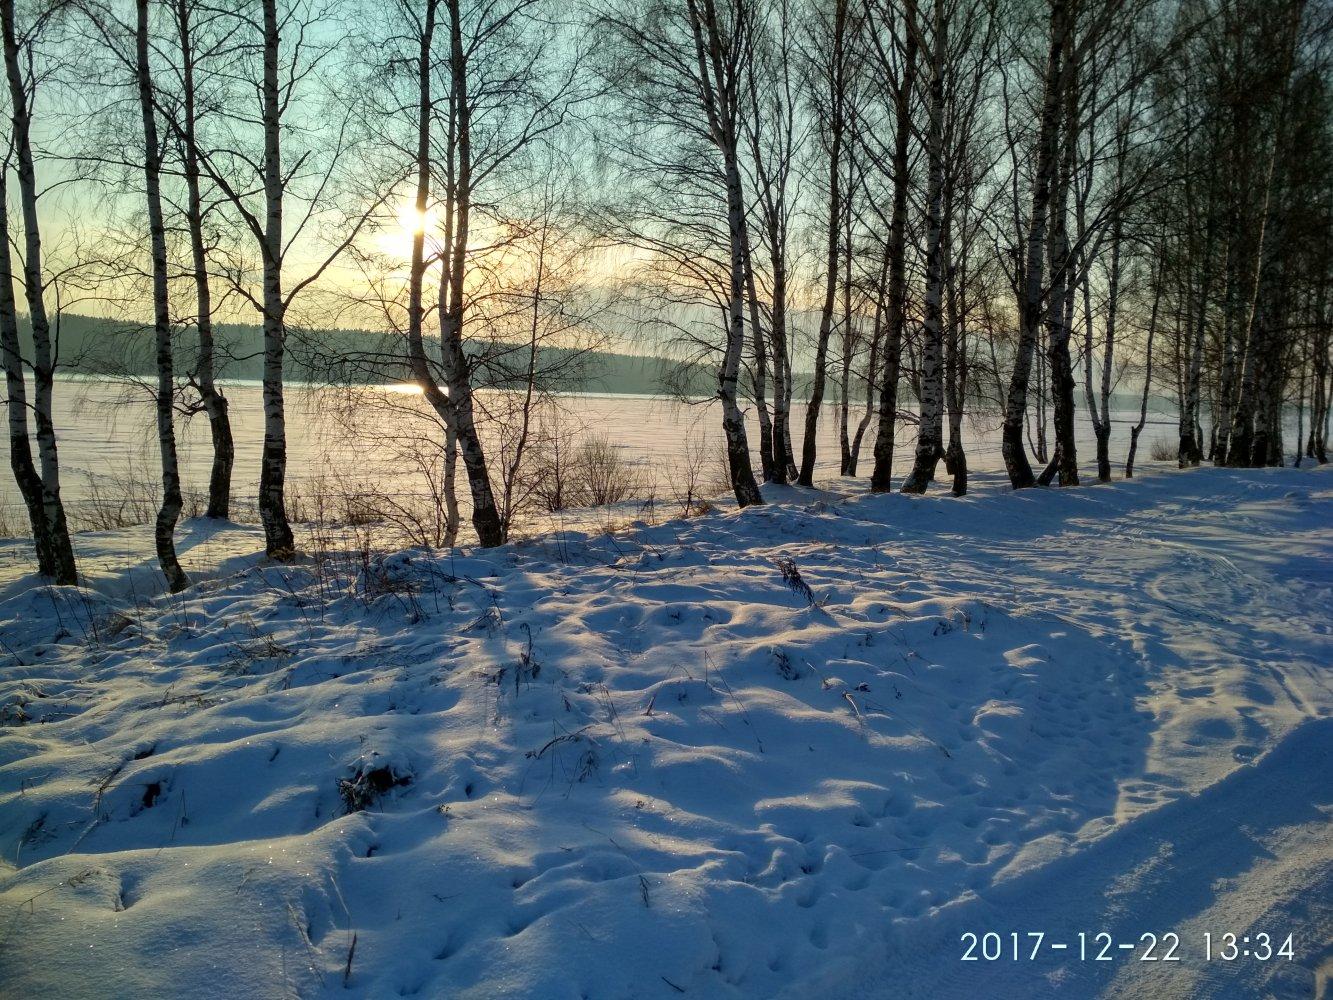 Фото IMG_20171222_133453_HDR.jpg. Россия, Ивановская область, Заречный, улица Фабричная